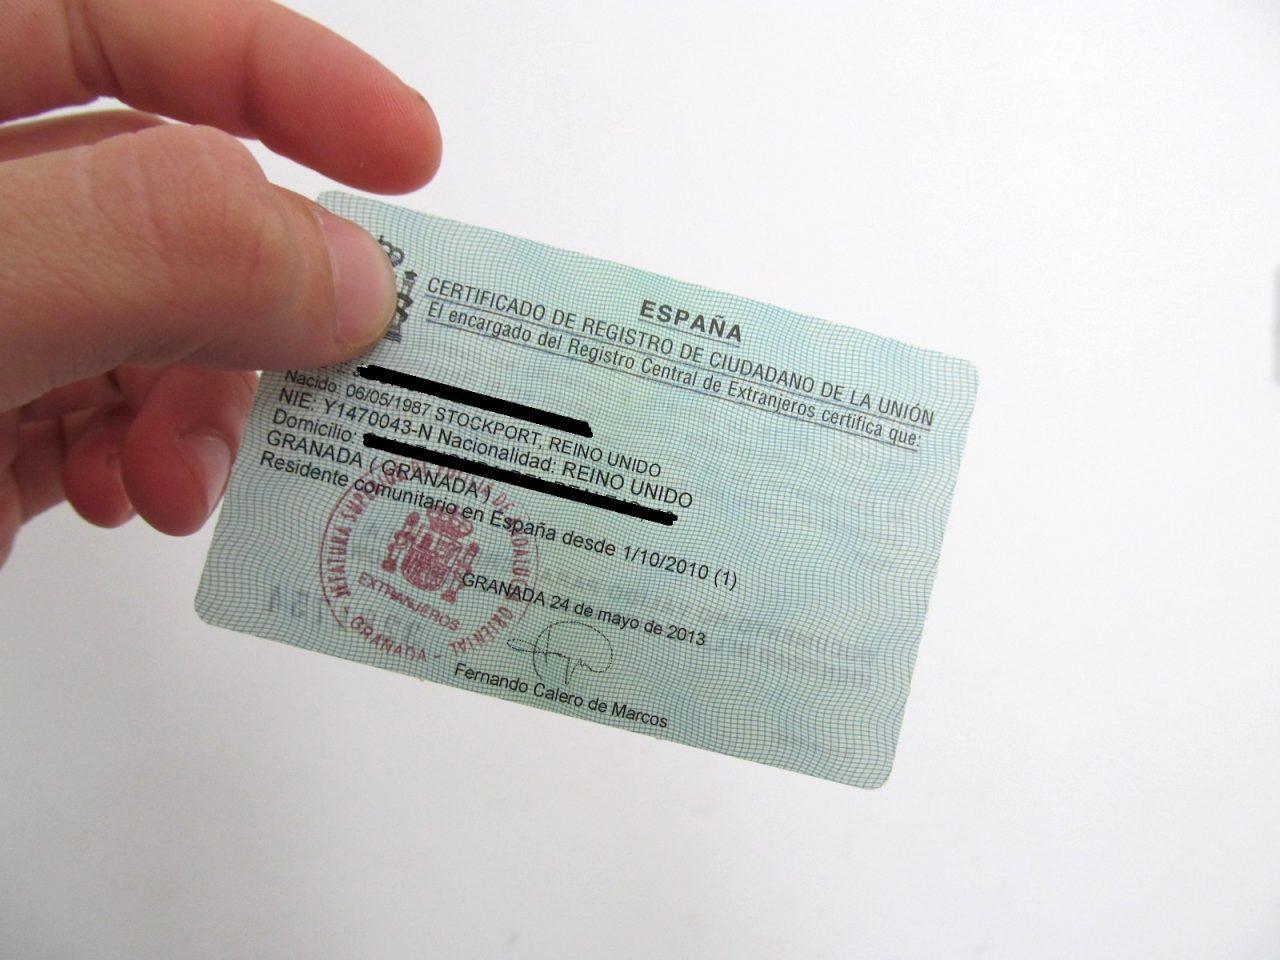 Идентификационная карта в Испании